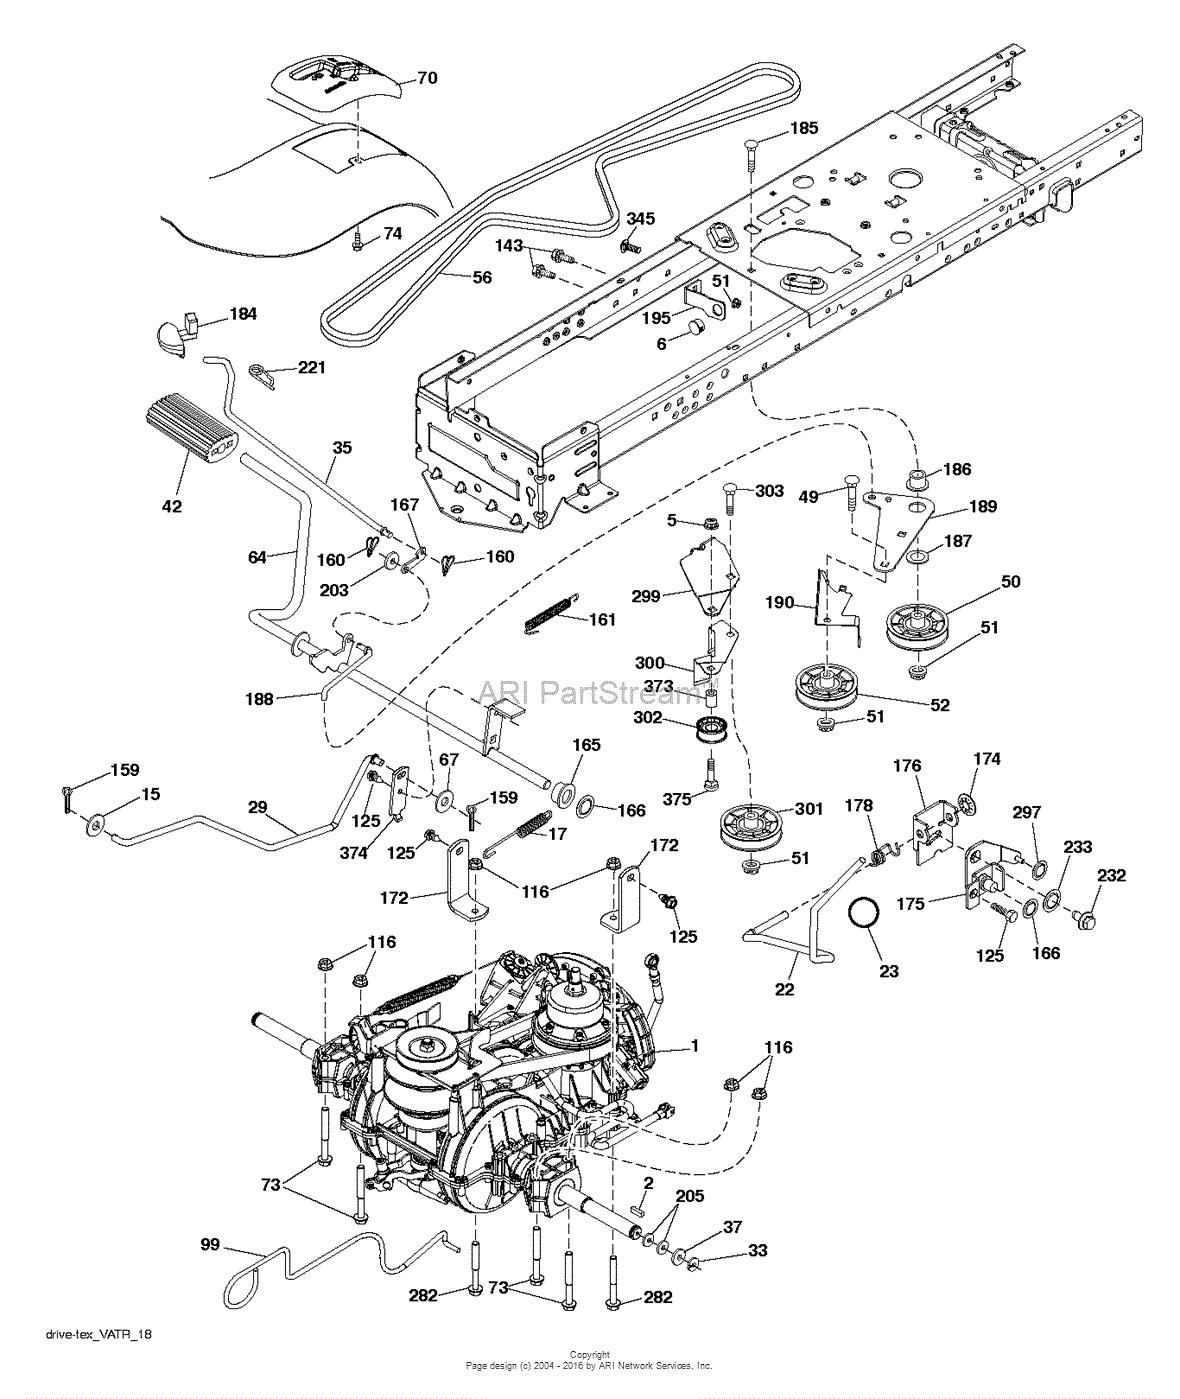 Poulan PB175A46 - 96042015700 (2013-10) Parts Diagram for DRIVE